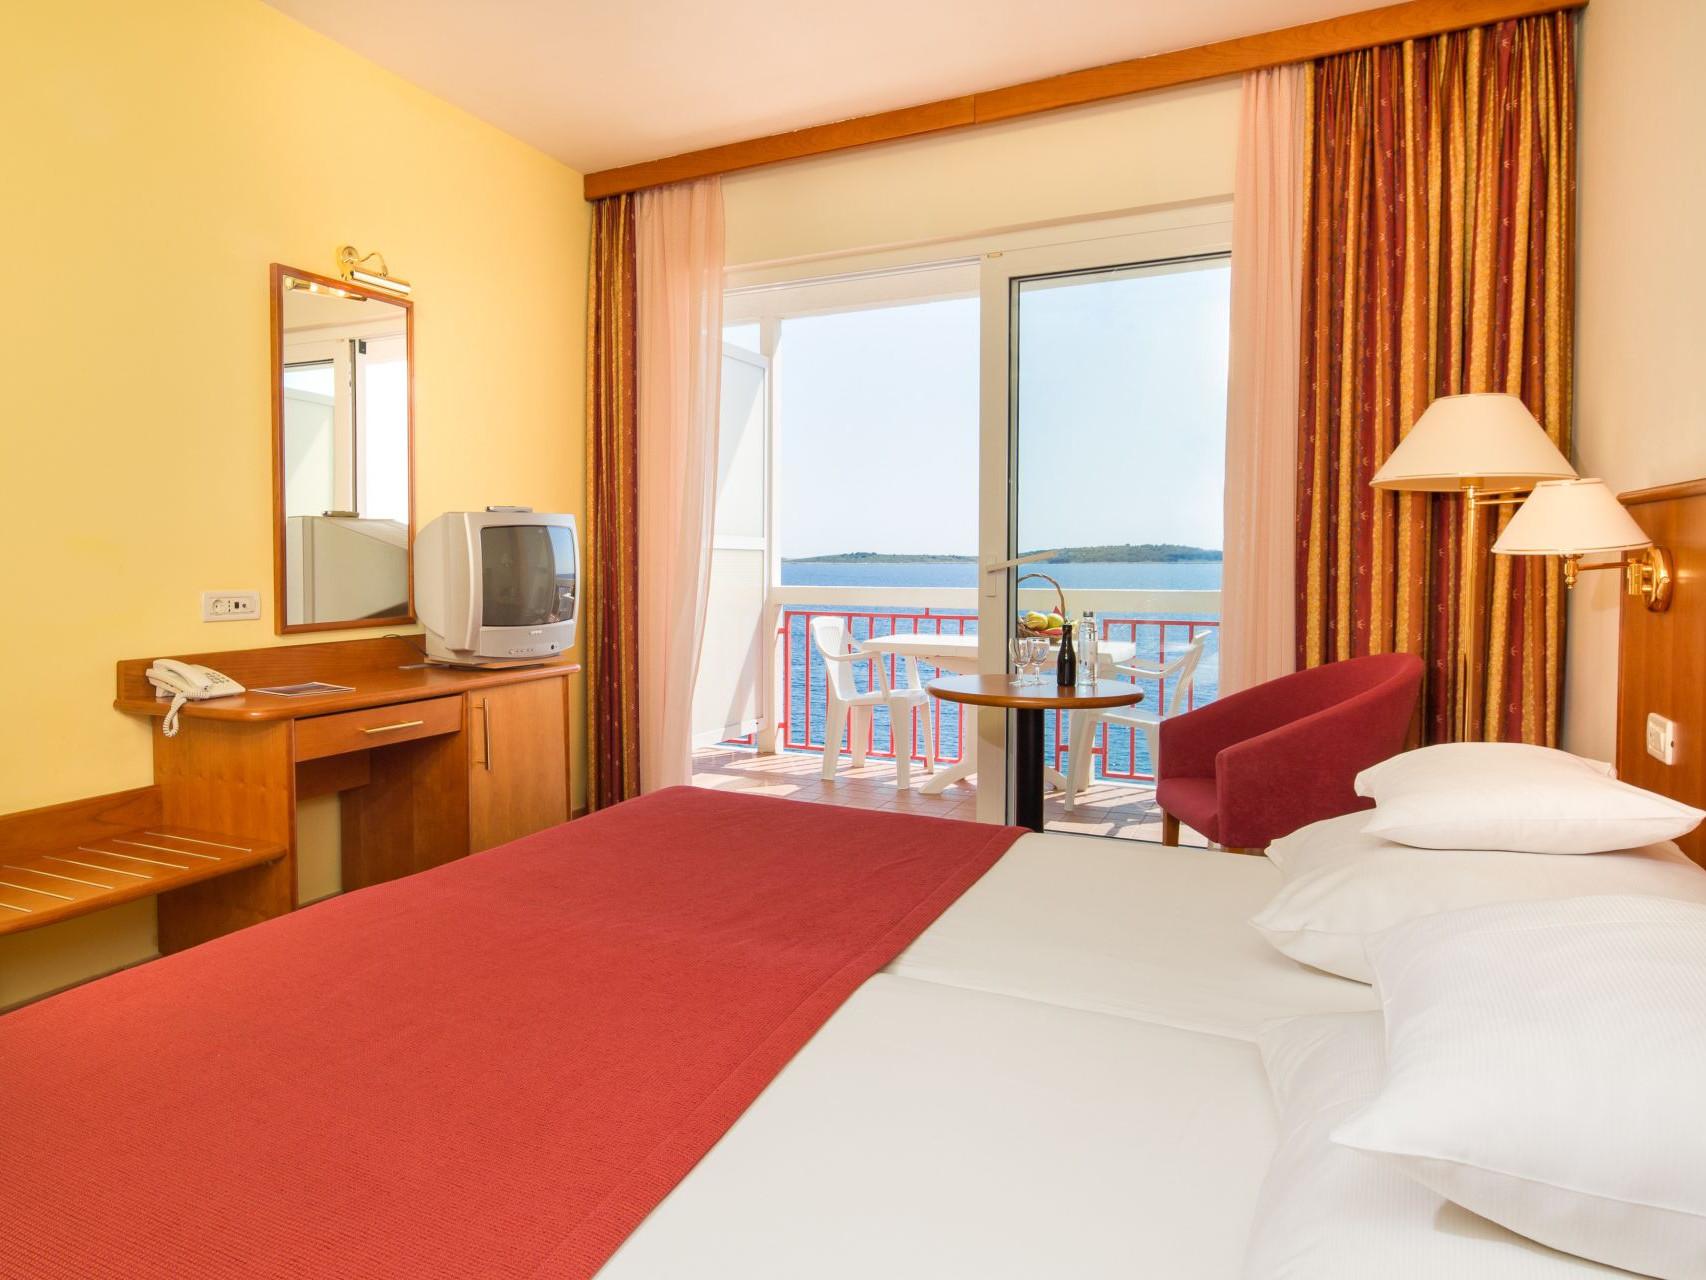 premier club room 03 14825093992 o uai - Zora Hotel